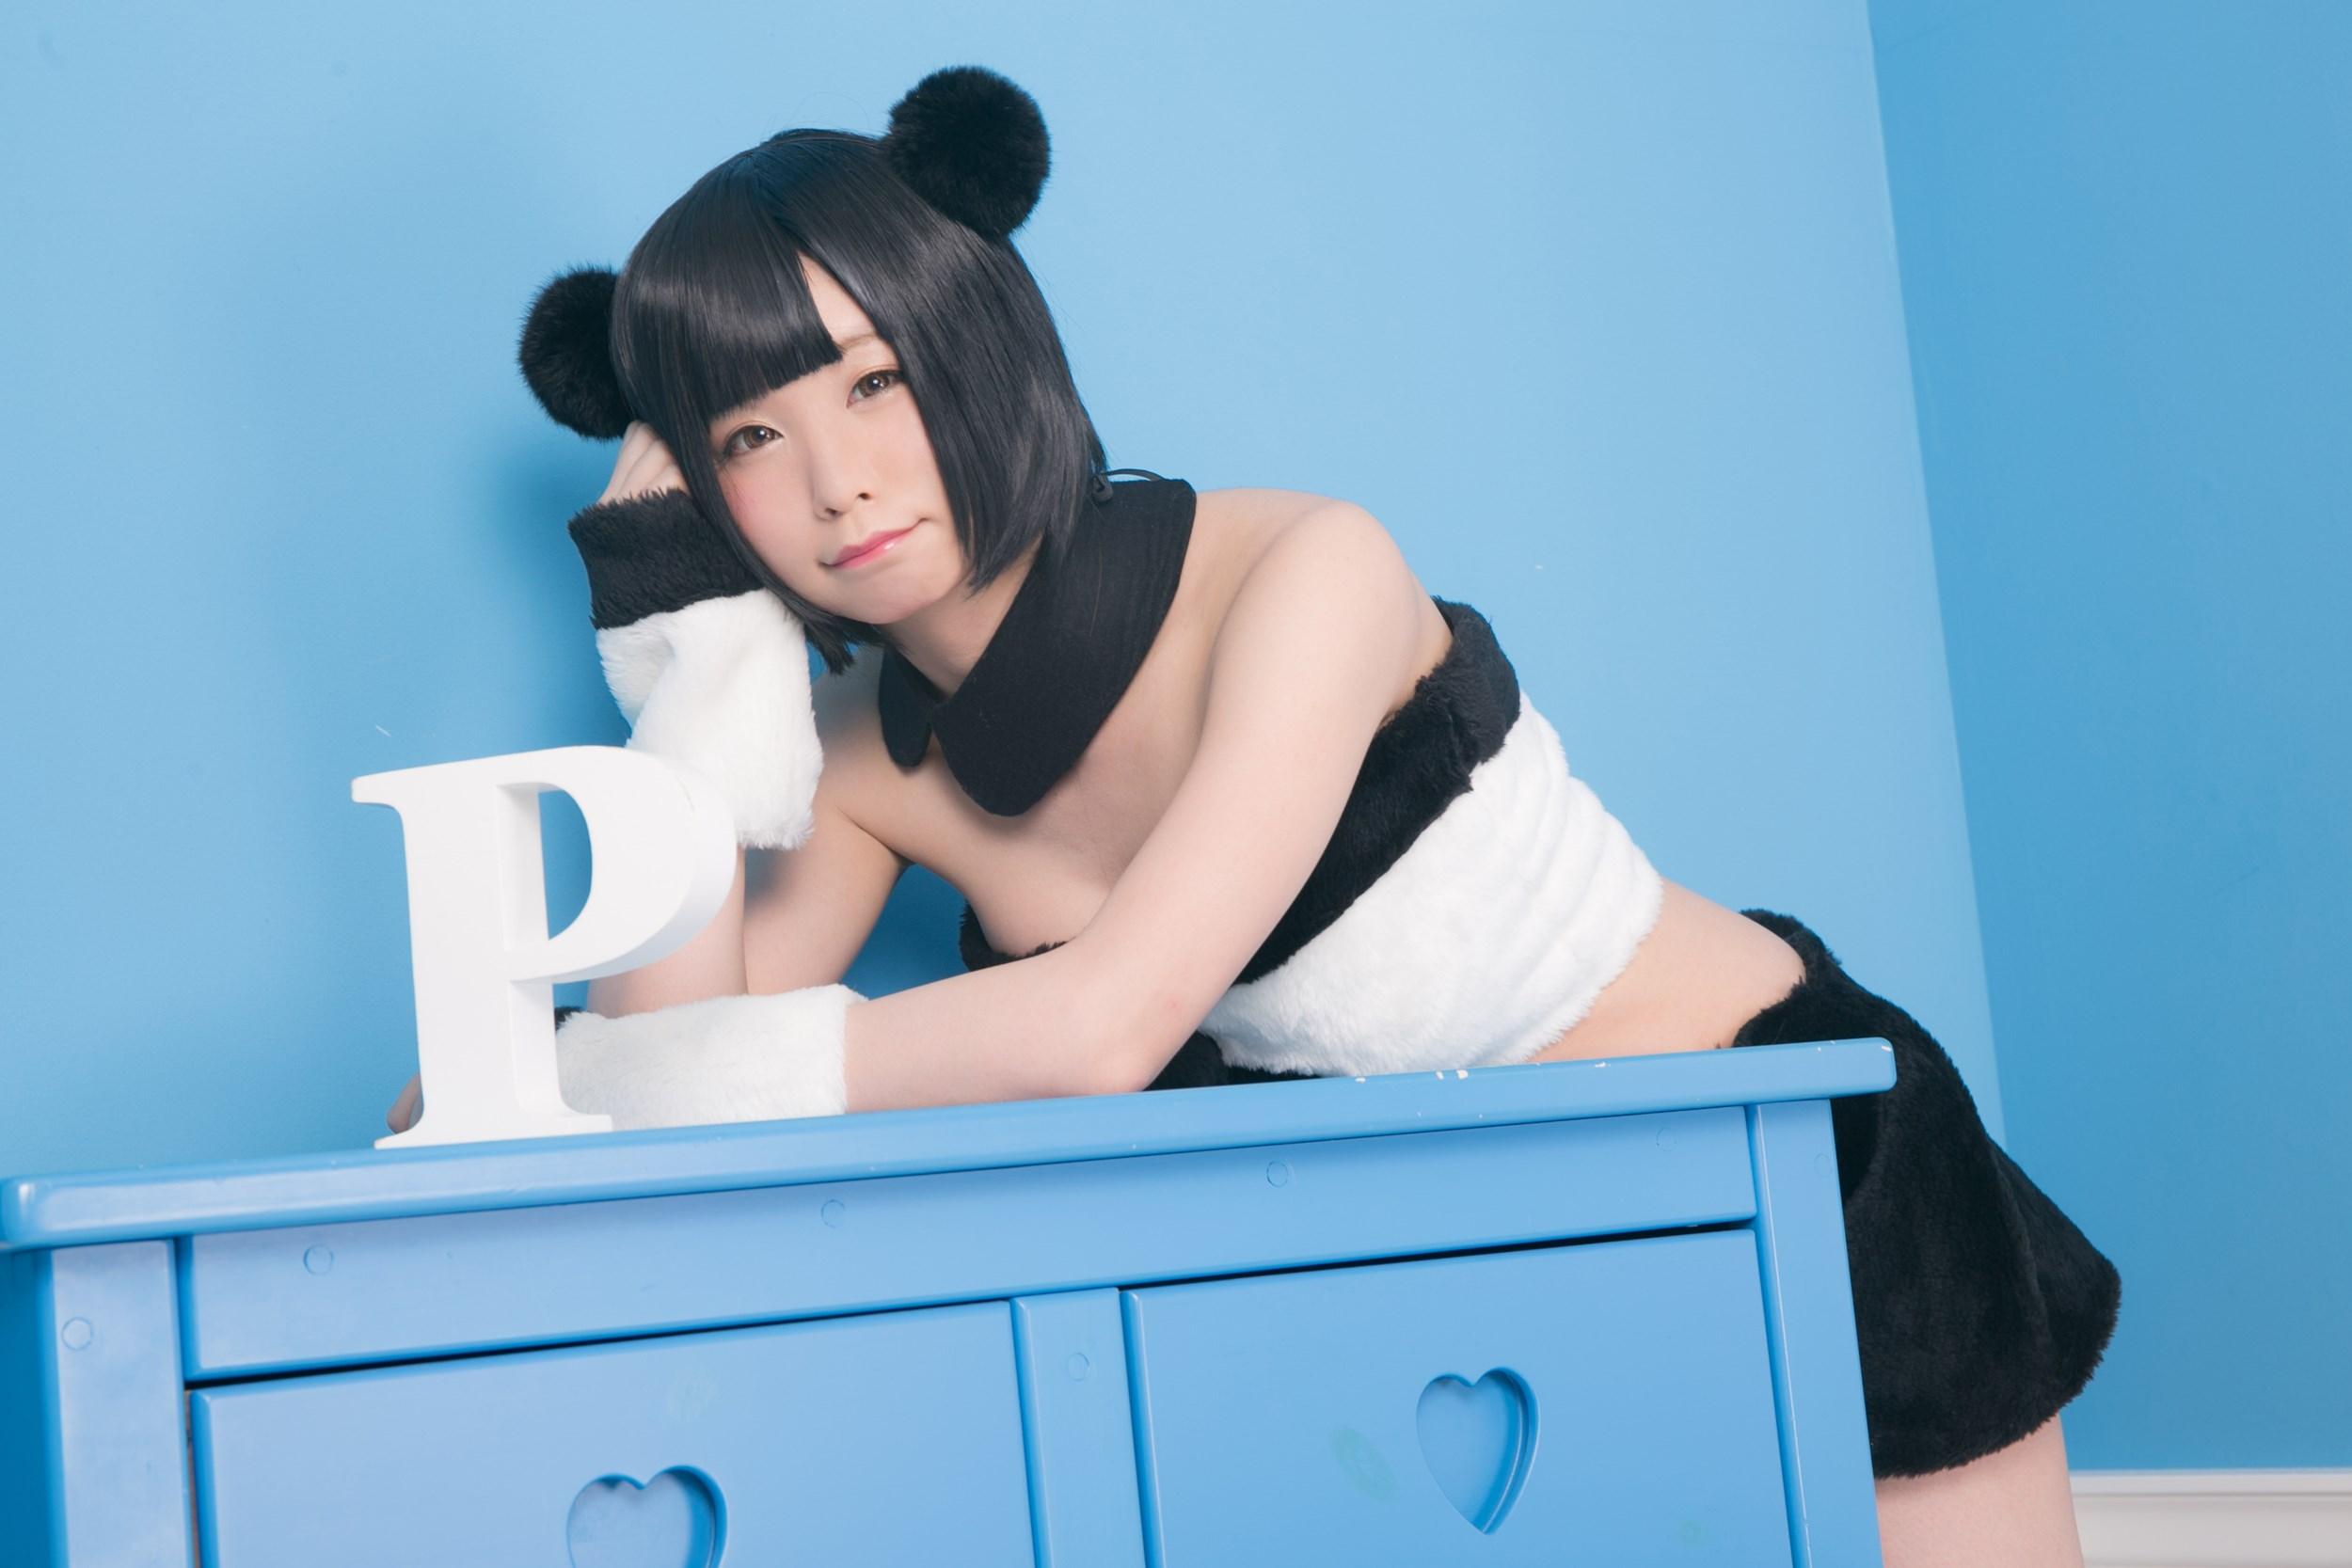 【兔玩映画】熊猫娘 兔玩映画 第15张